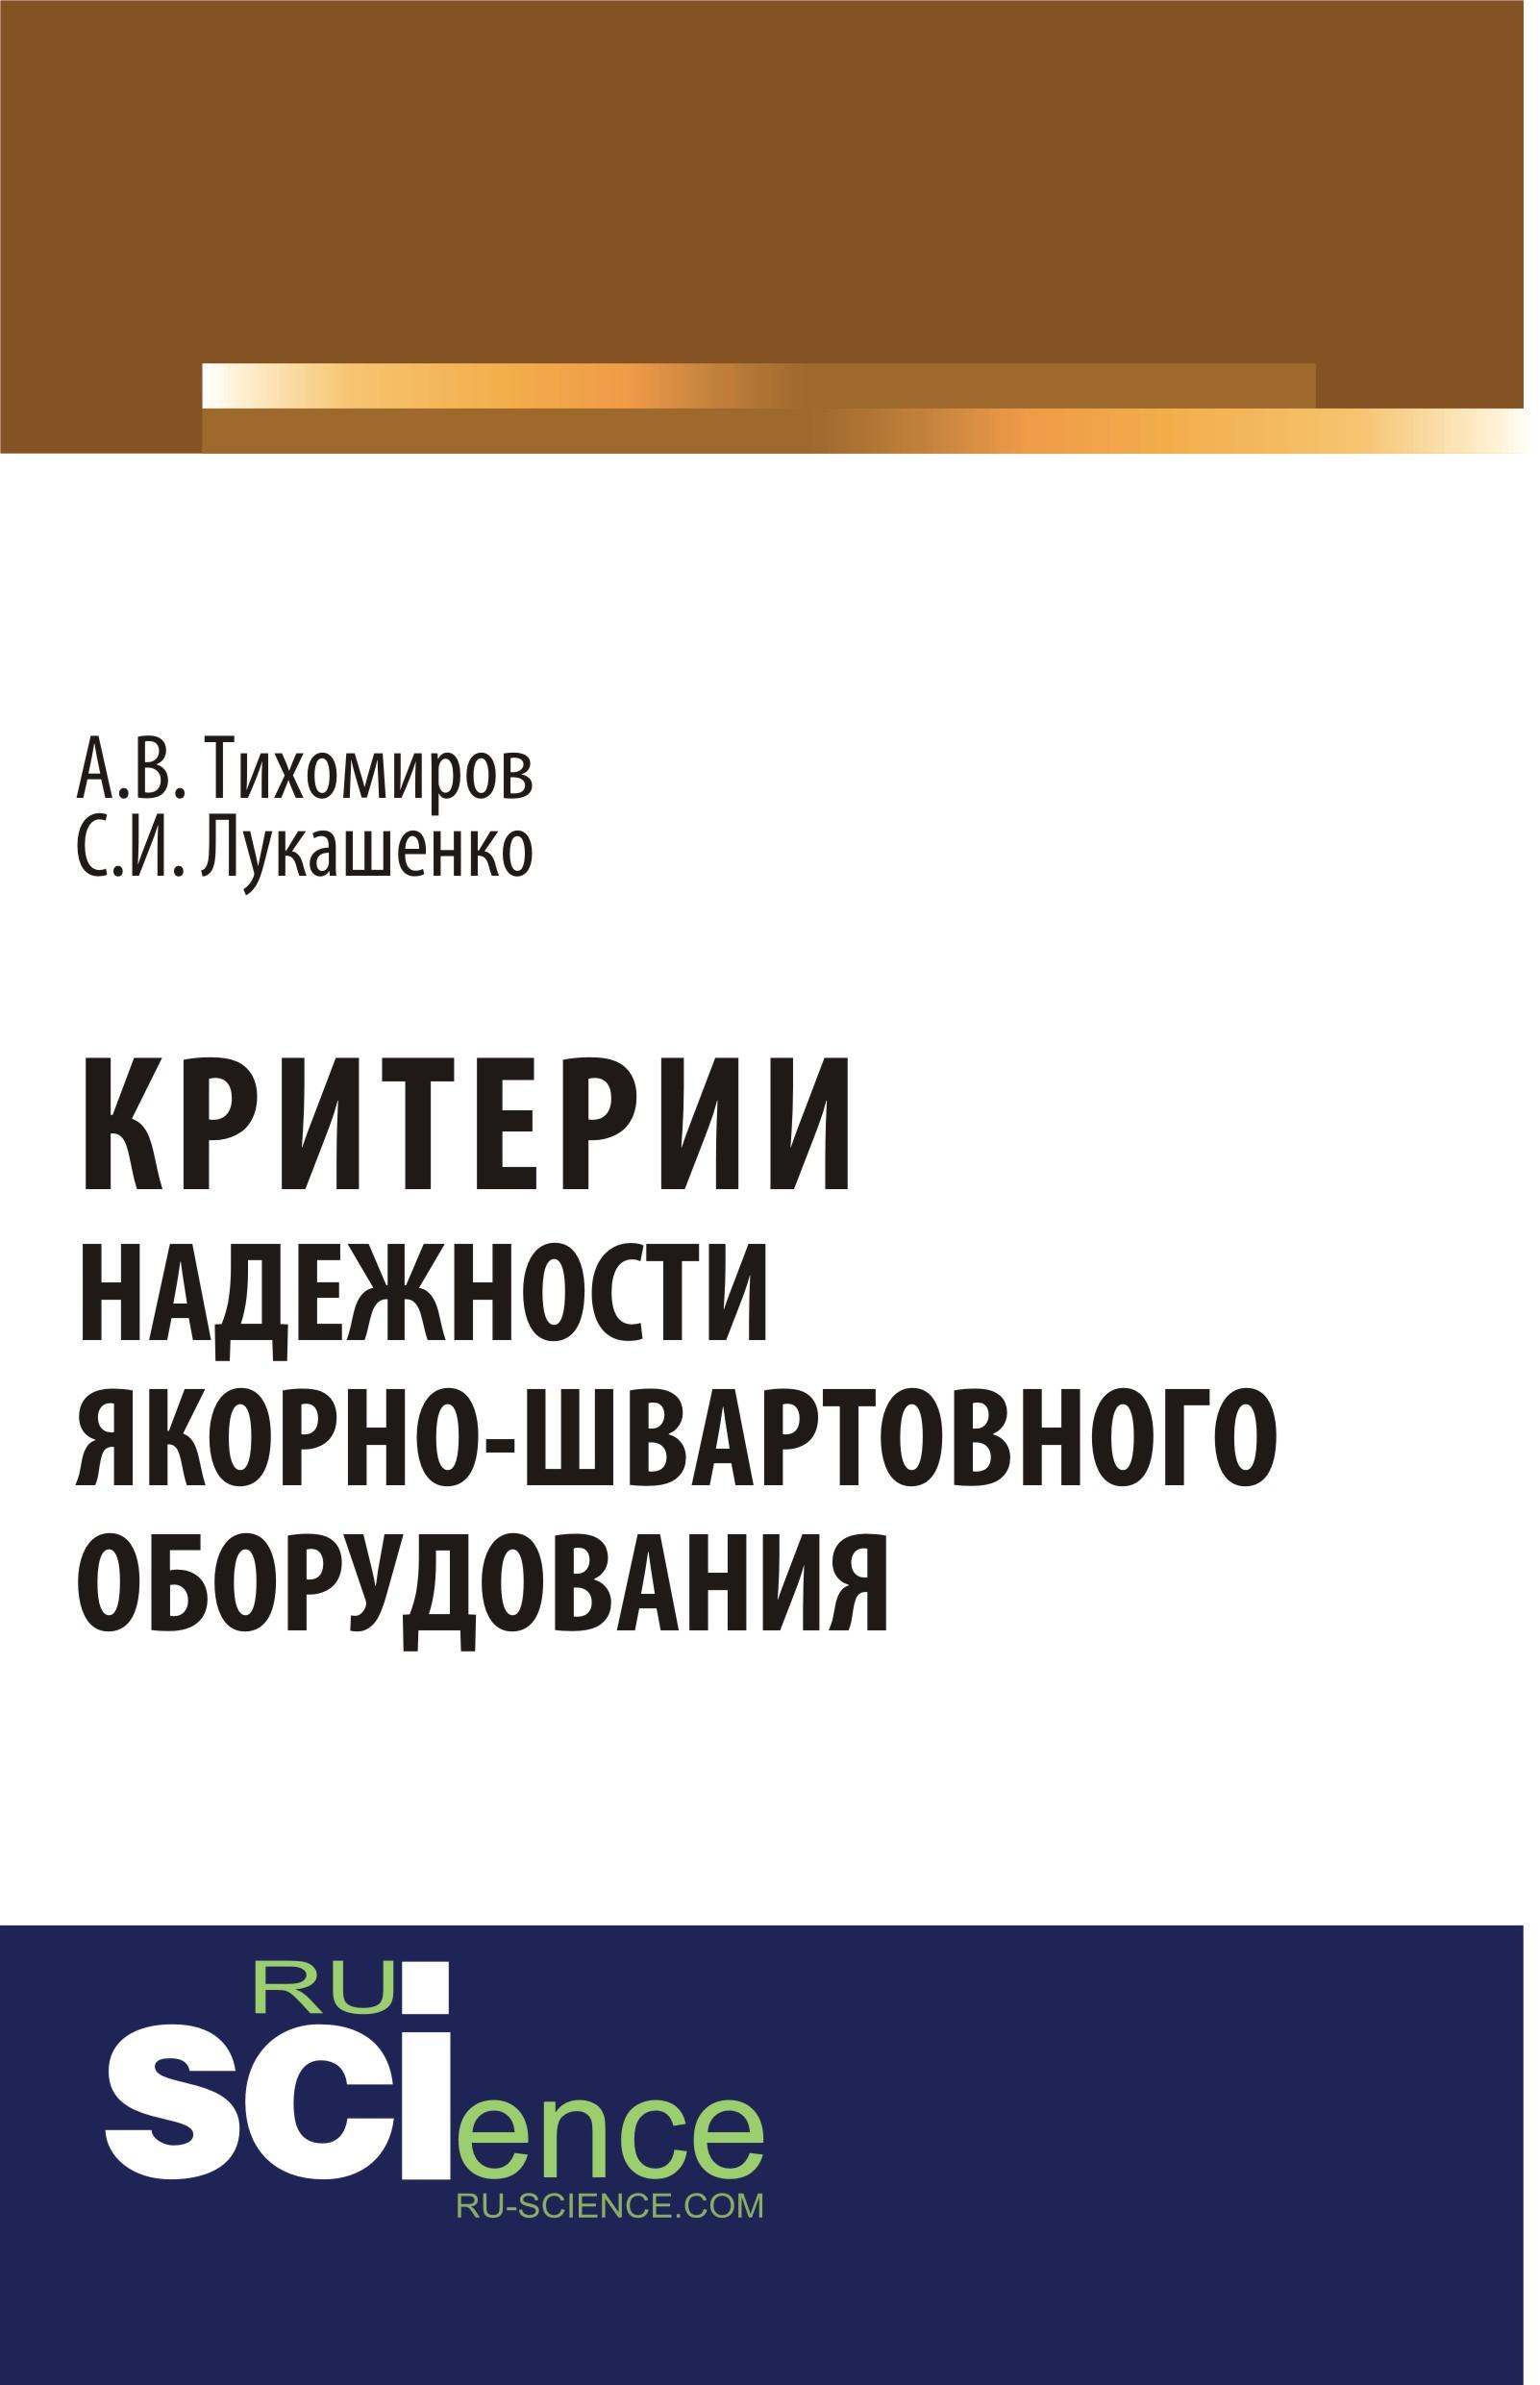 С. Лукашенко Критерии надежности якорно-швартовного оборудования